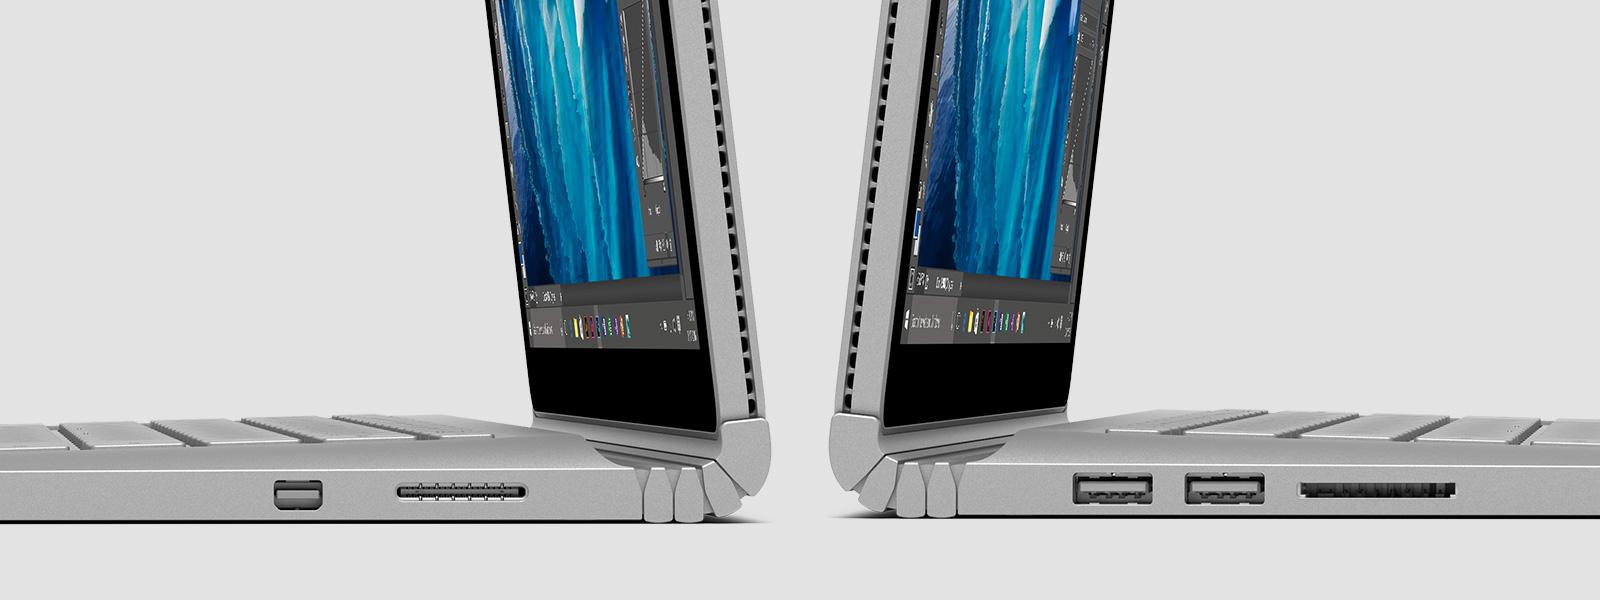 Deux appareils Surface Book dos à dos, vus de côté avec détail de la charnière et des ports externes